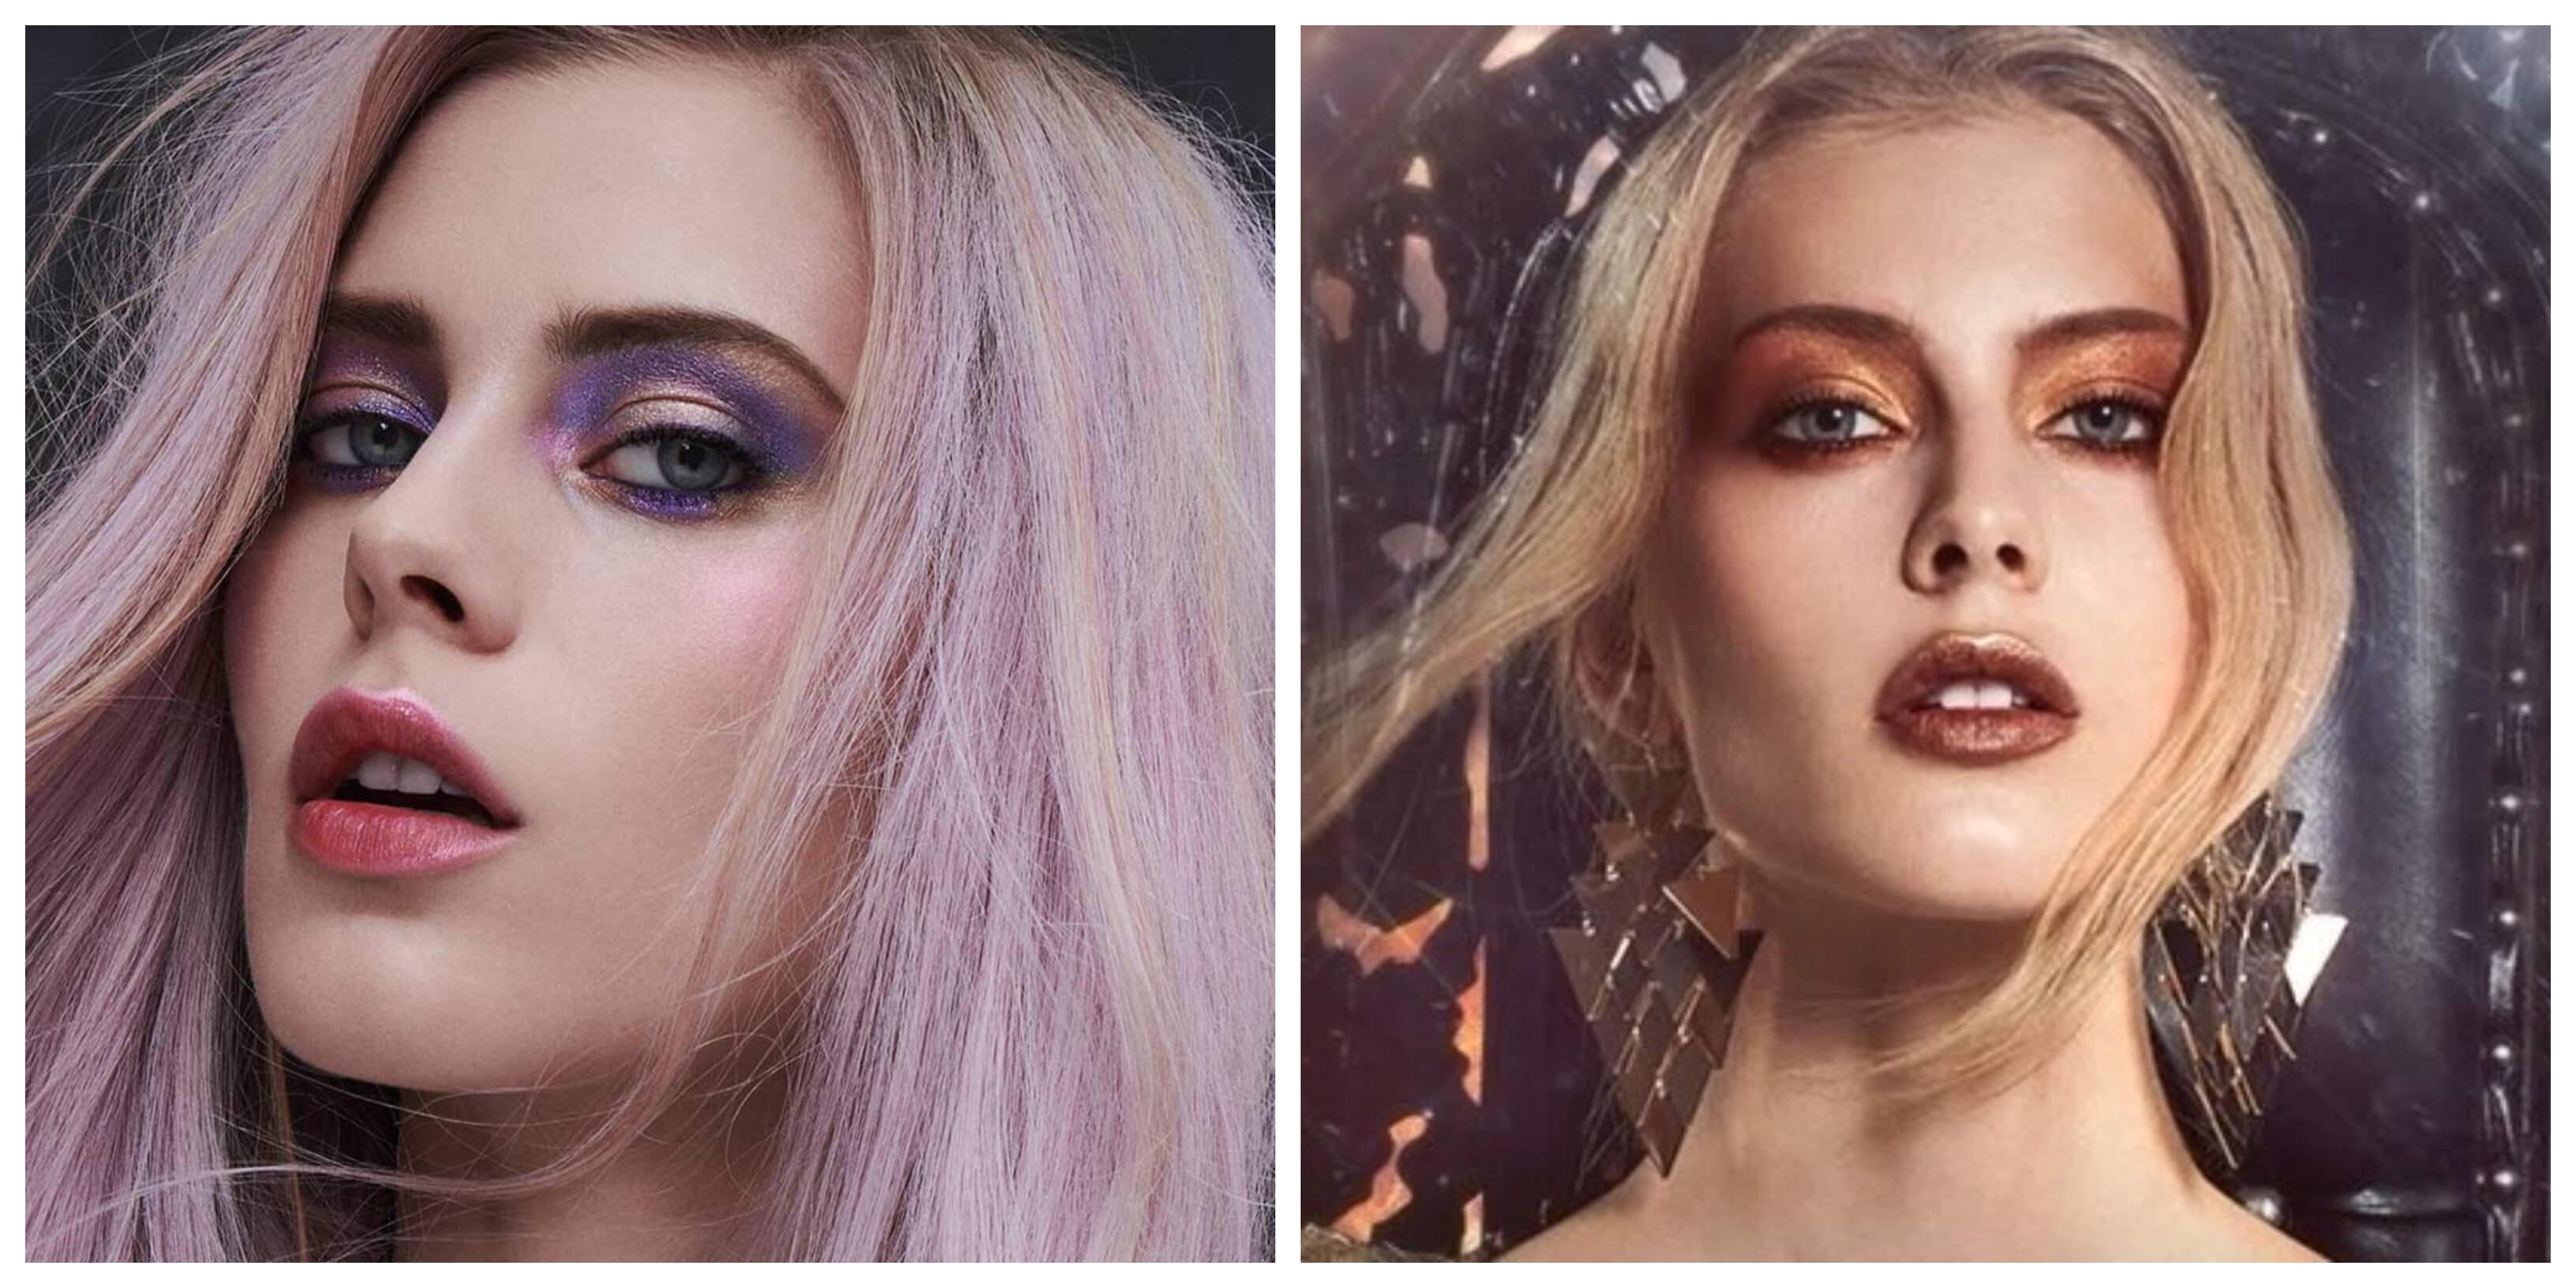 Sad sve možemo izgledati kao Khaleesi: Izašla je linija šminke Game of Thrones